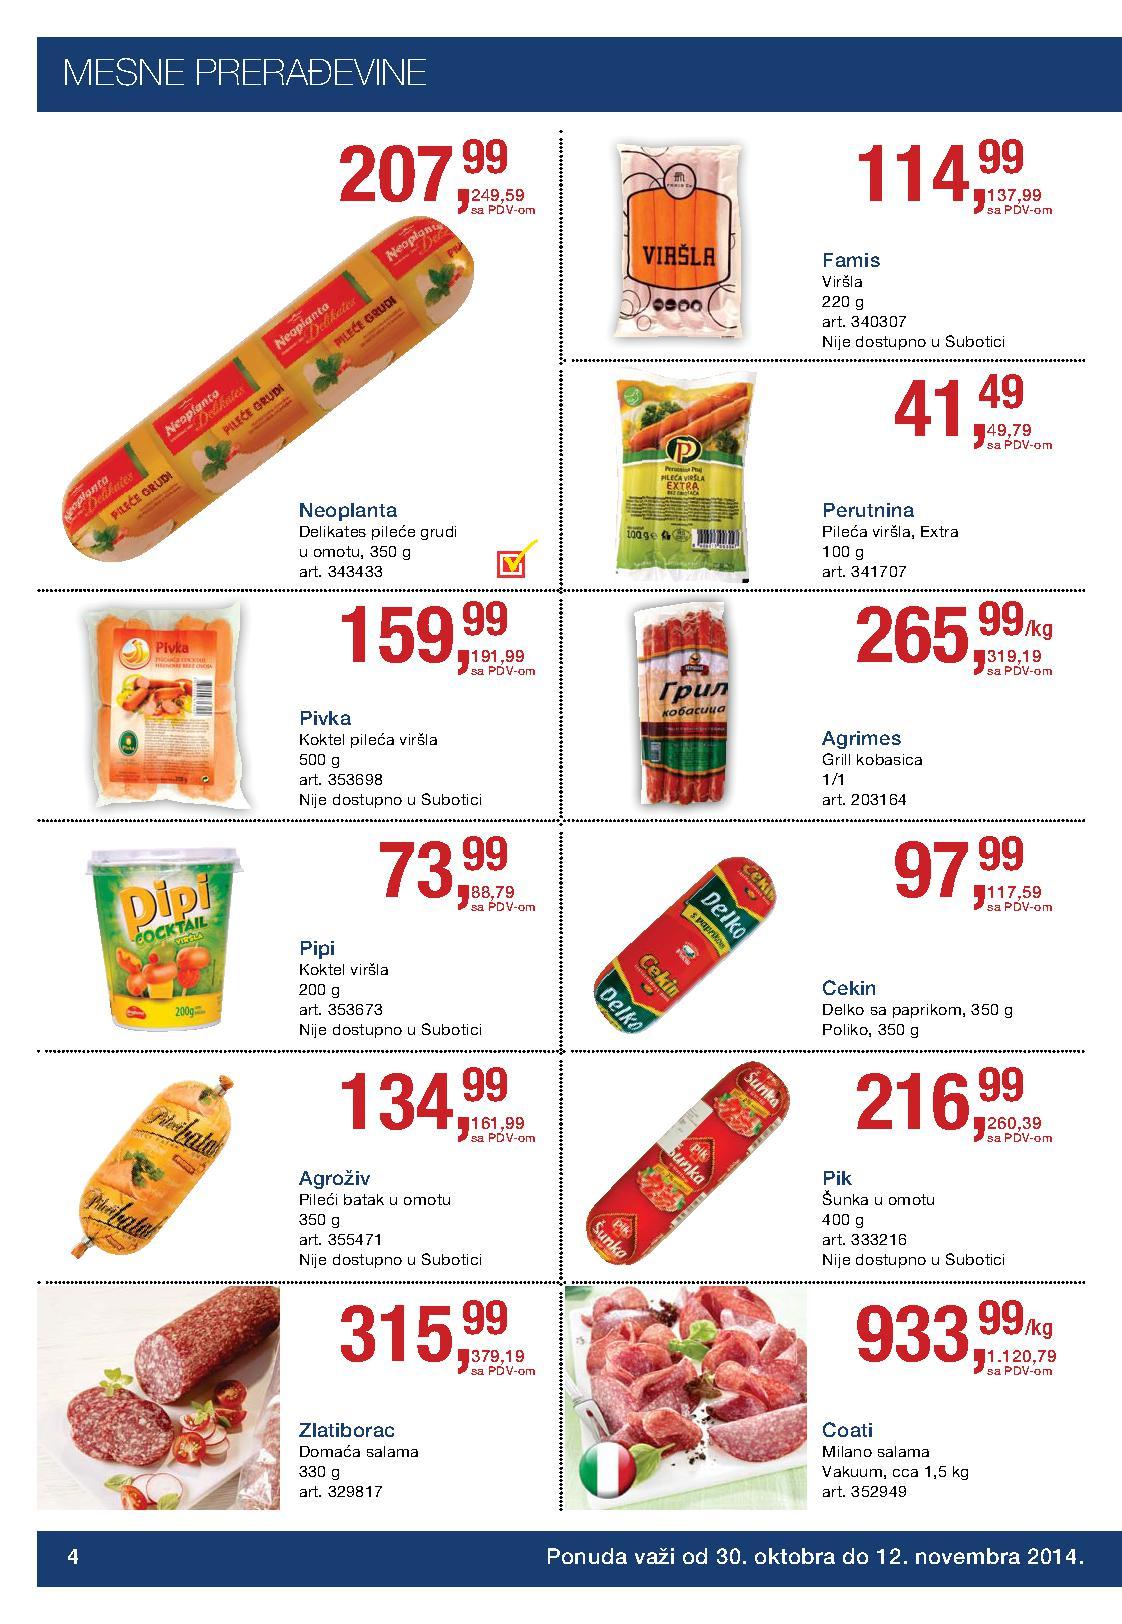 Metro akcija prehrana po sjajnim cenama